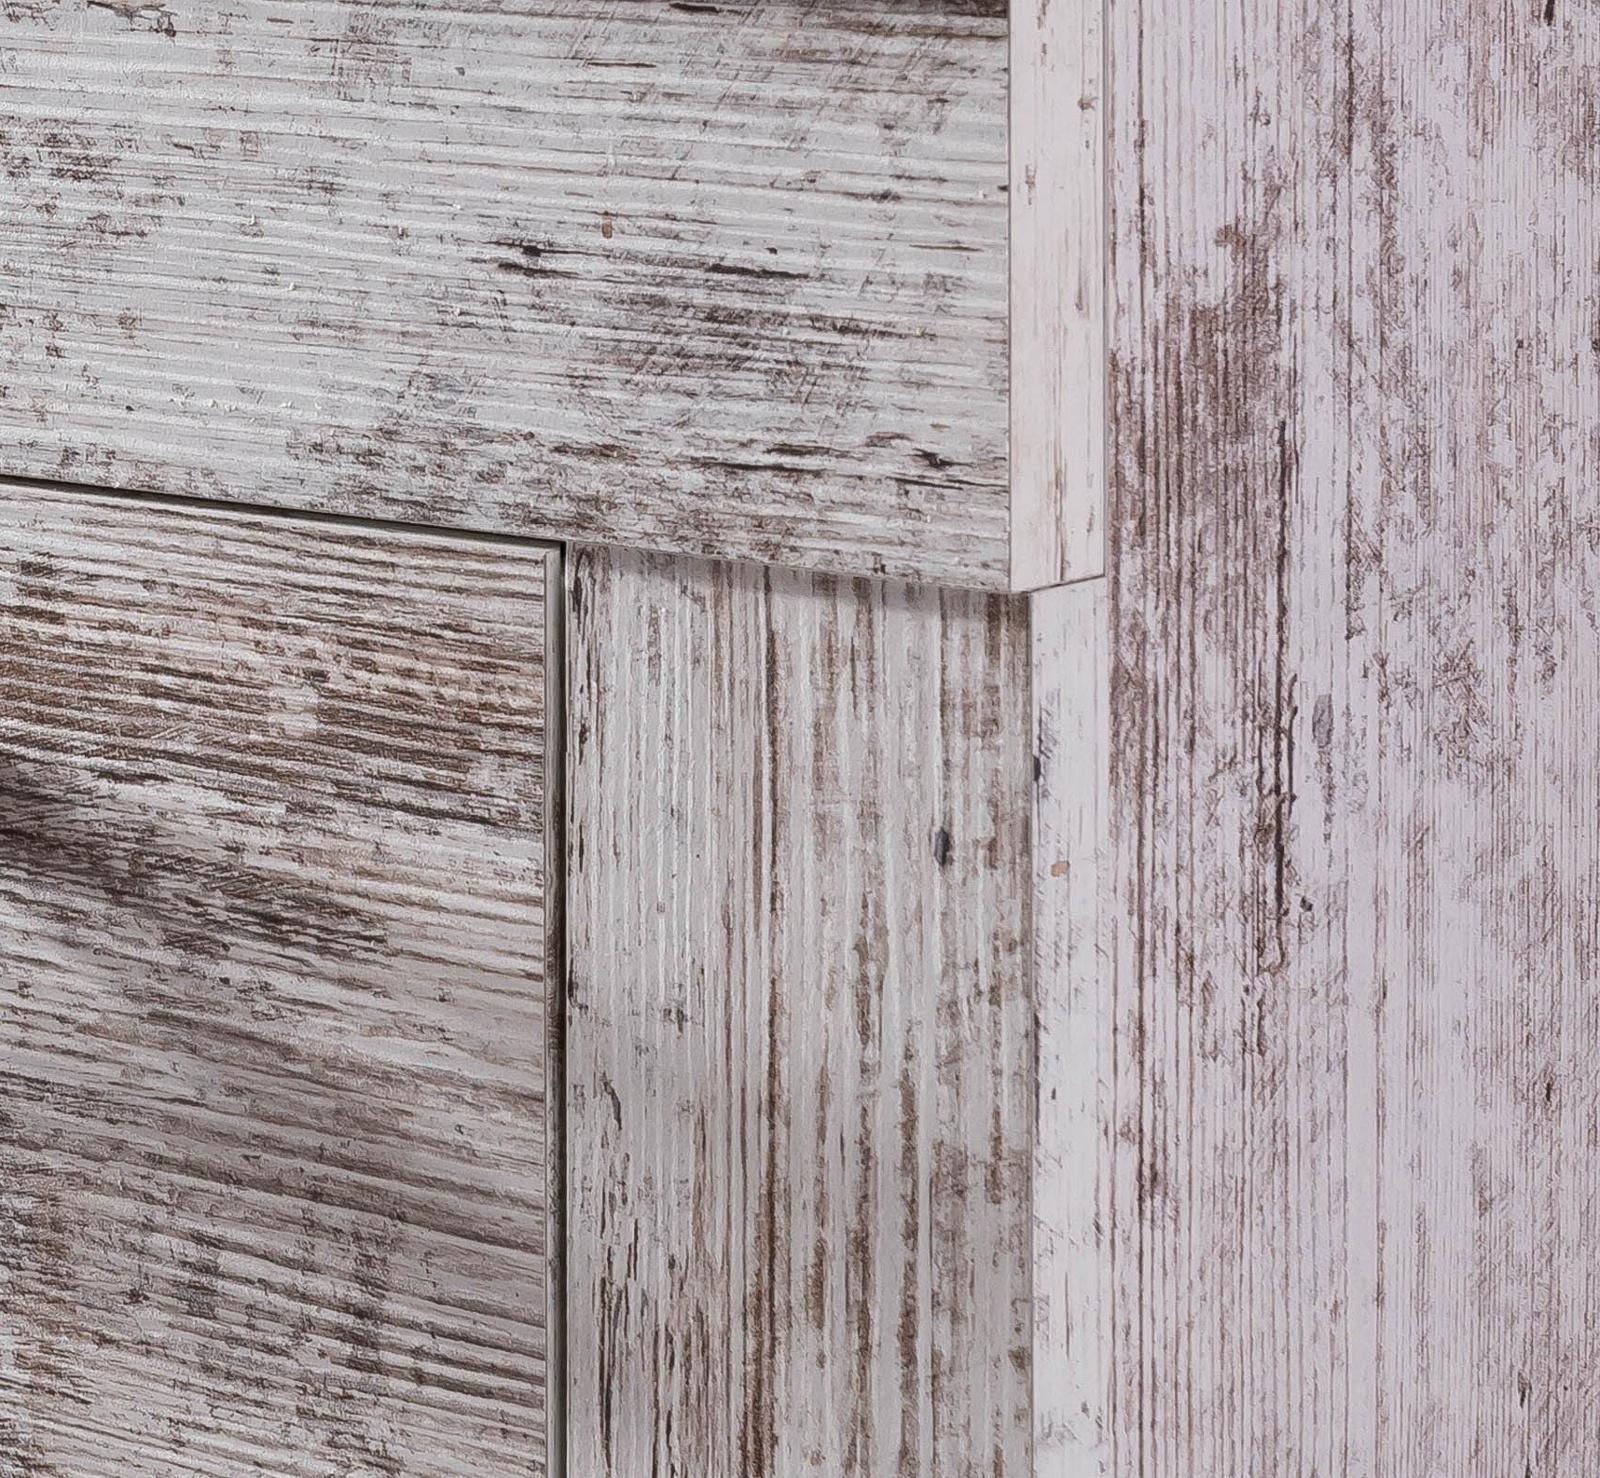 Moderne badezimmermöbel günstig  Badmöbel Holz Günstig esseryaad.info Finden Sie Tausende von Ideen ...